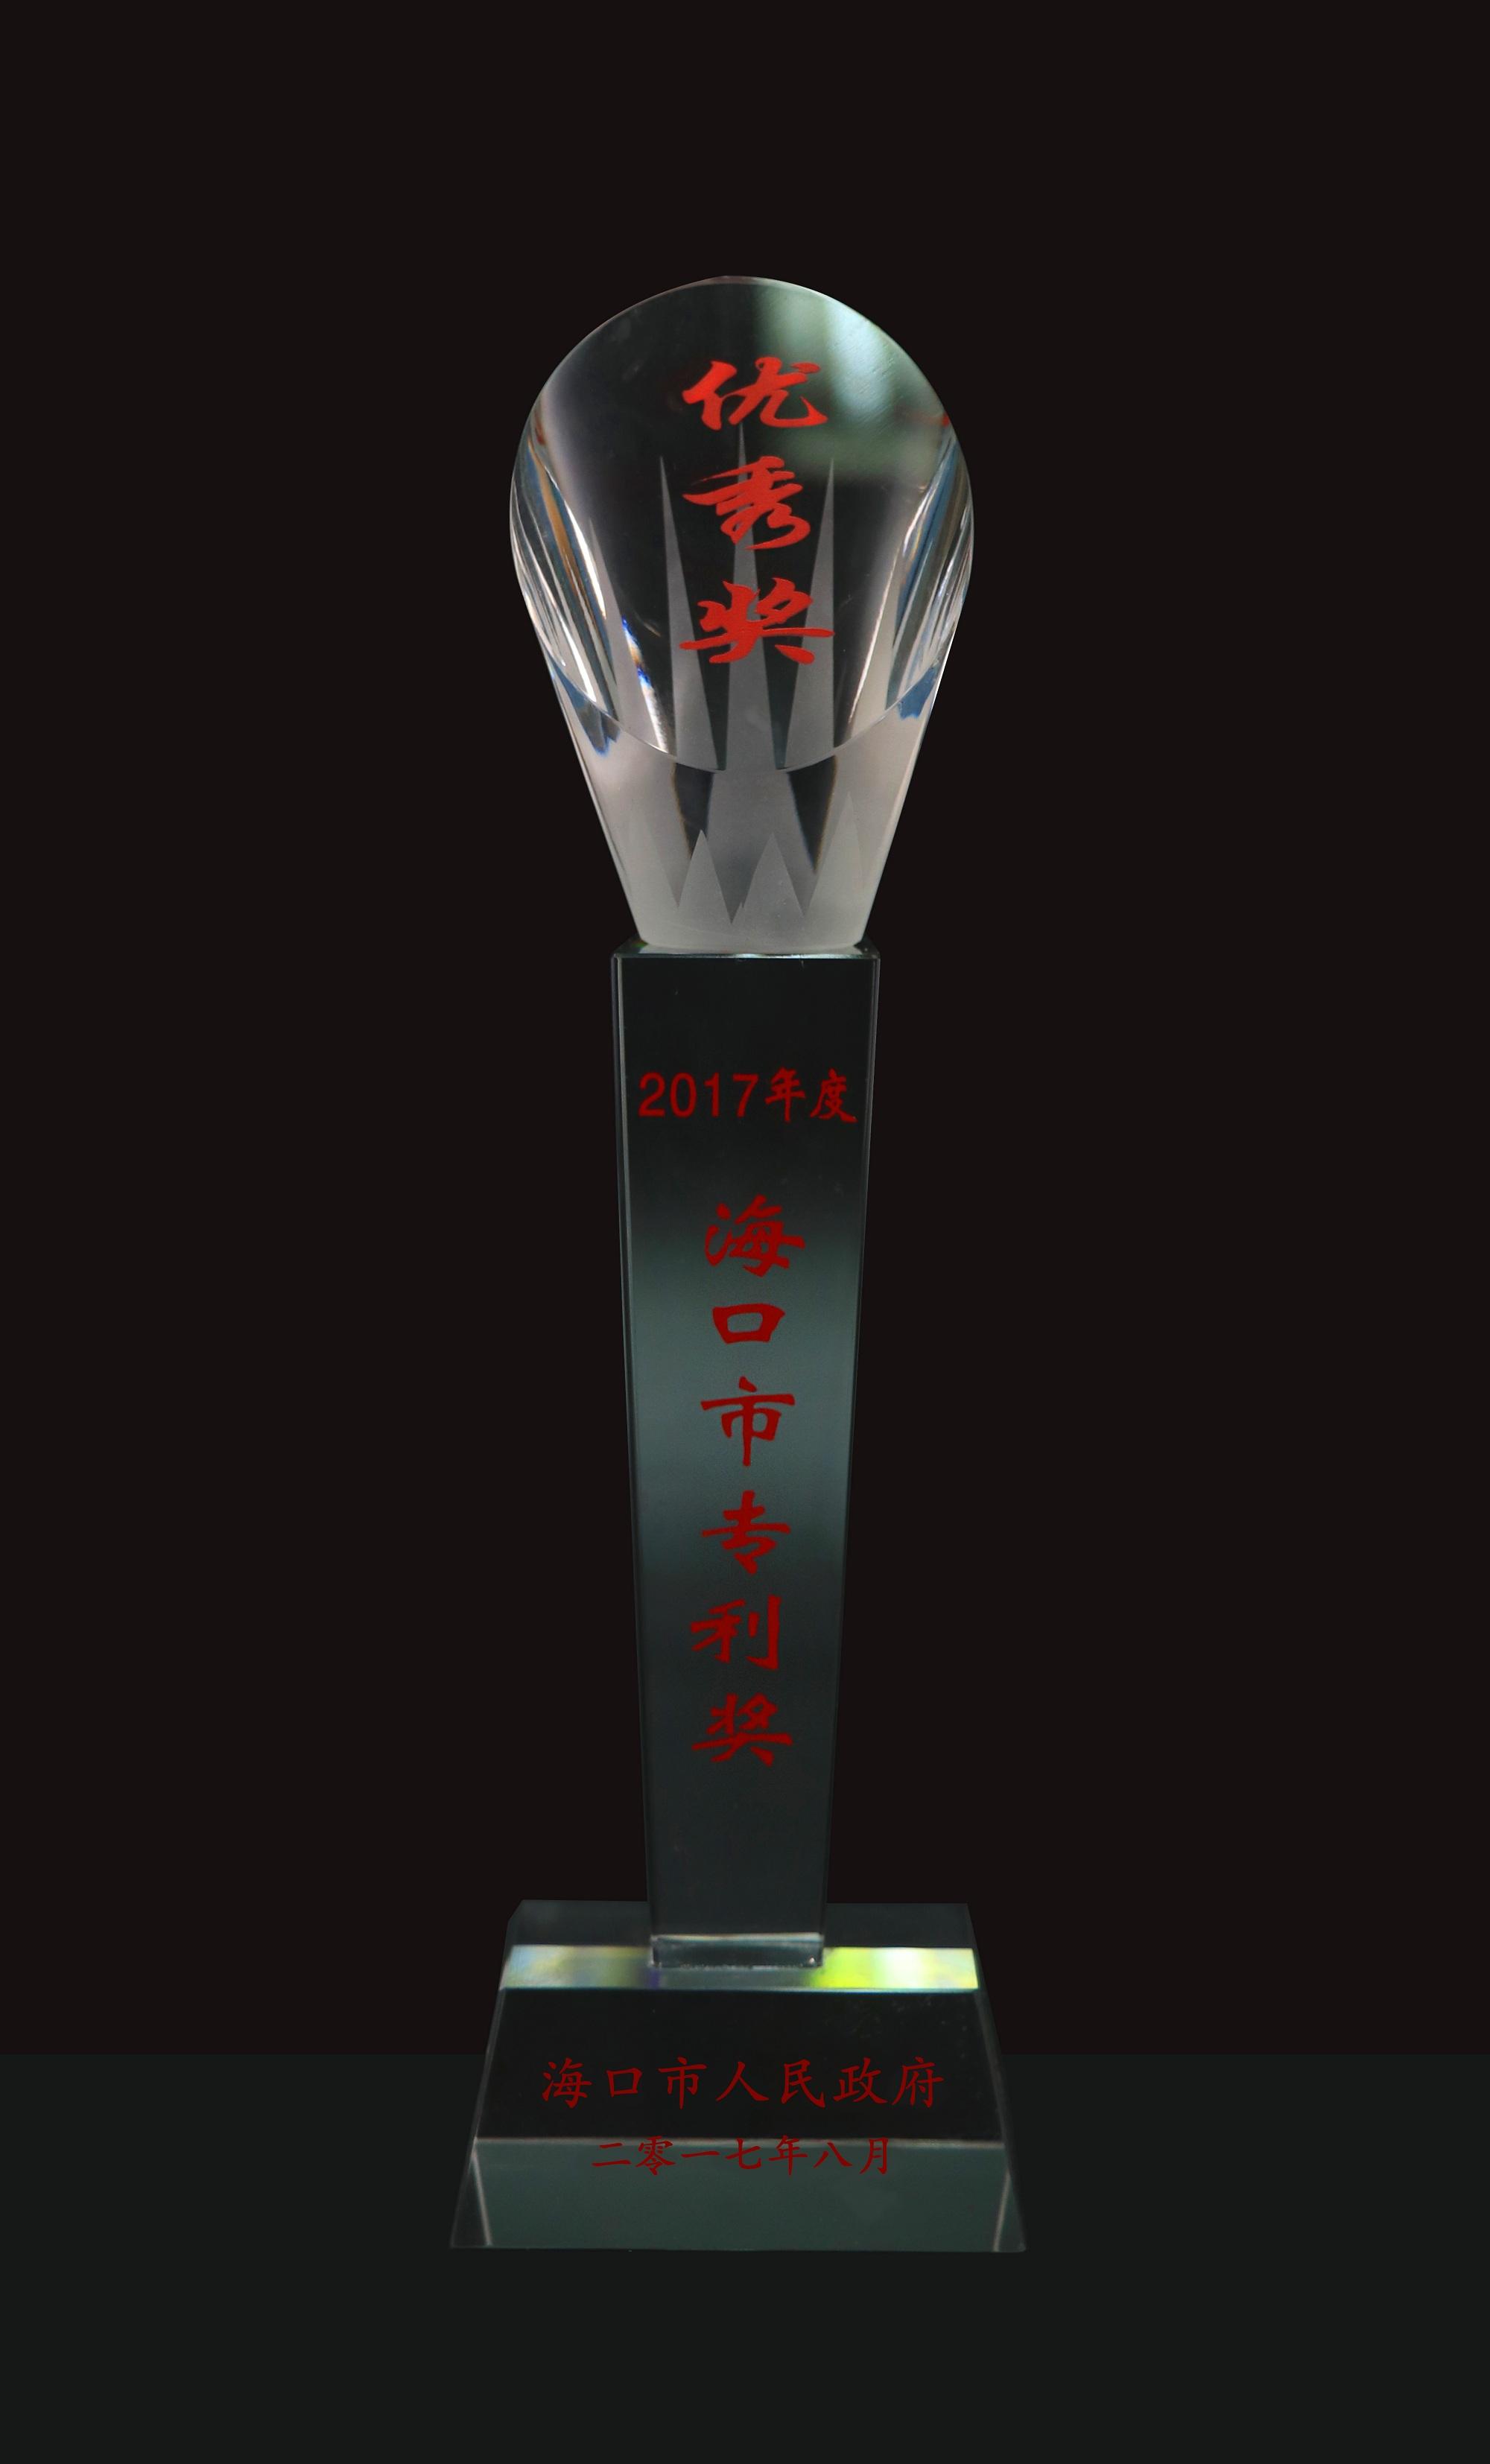 2017 年度海口市专利奖